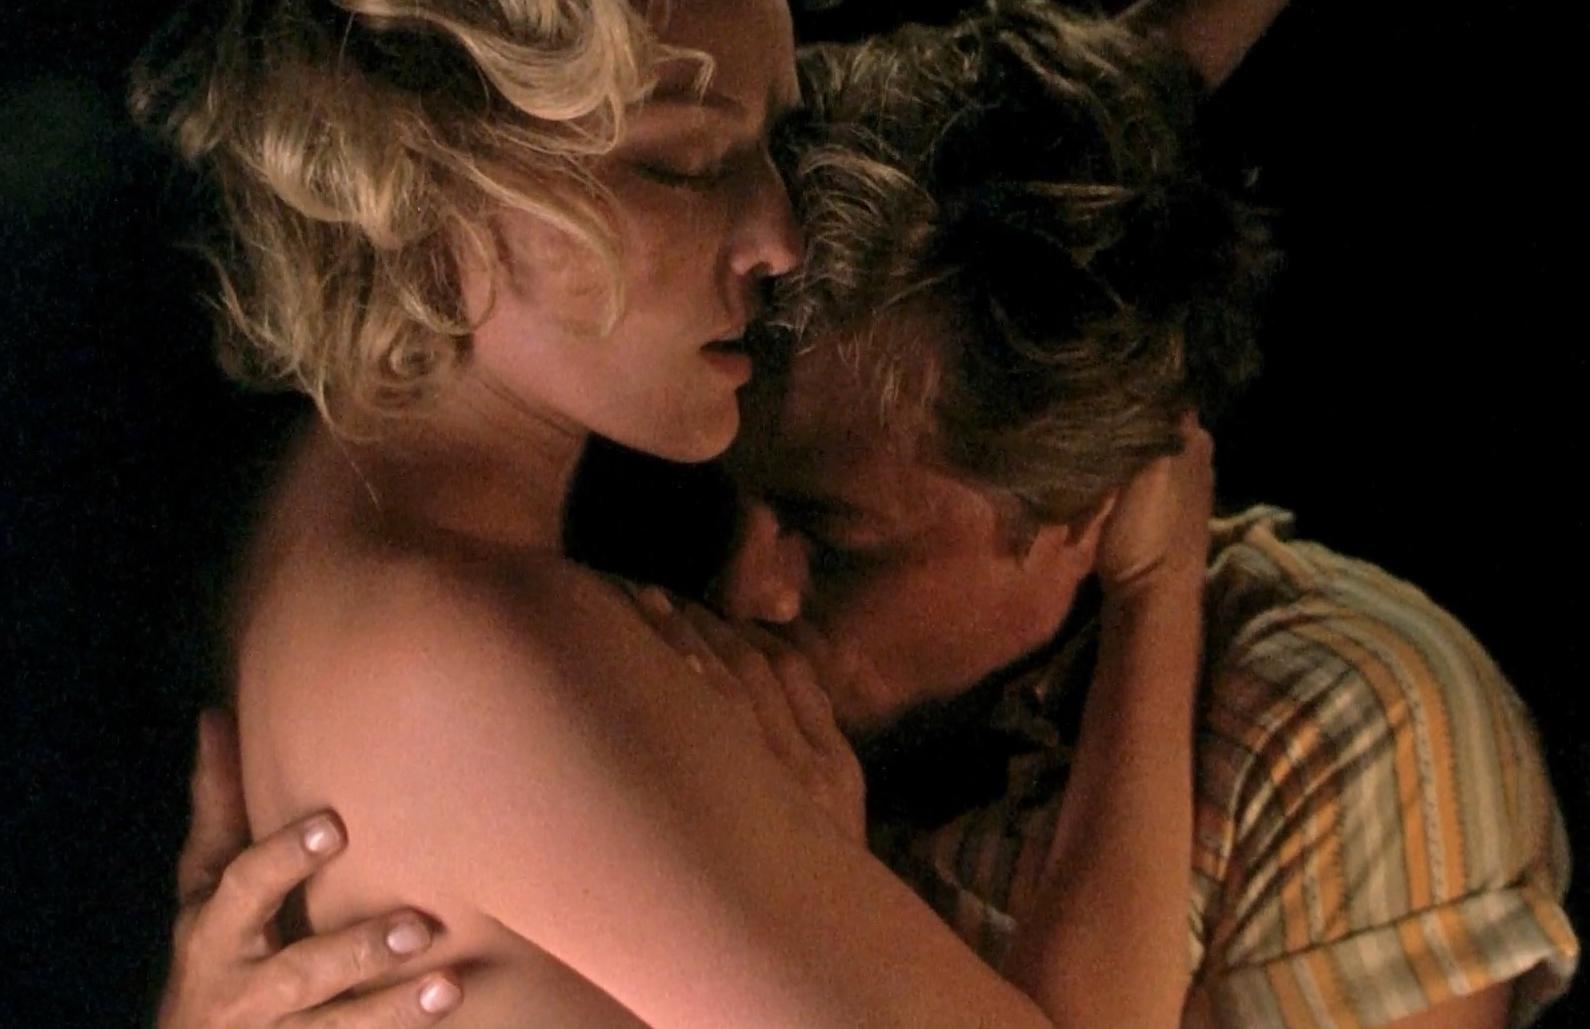 Virginia madsen sex massages asiatiques à @todorazor.com